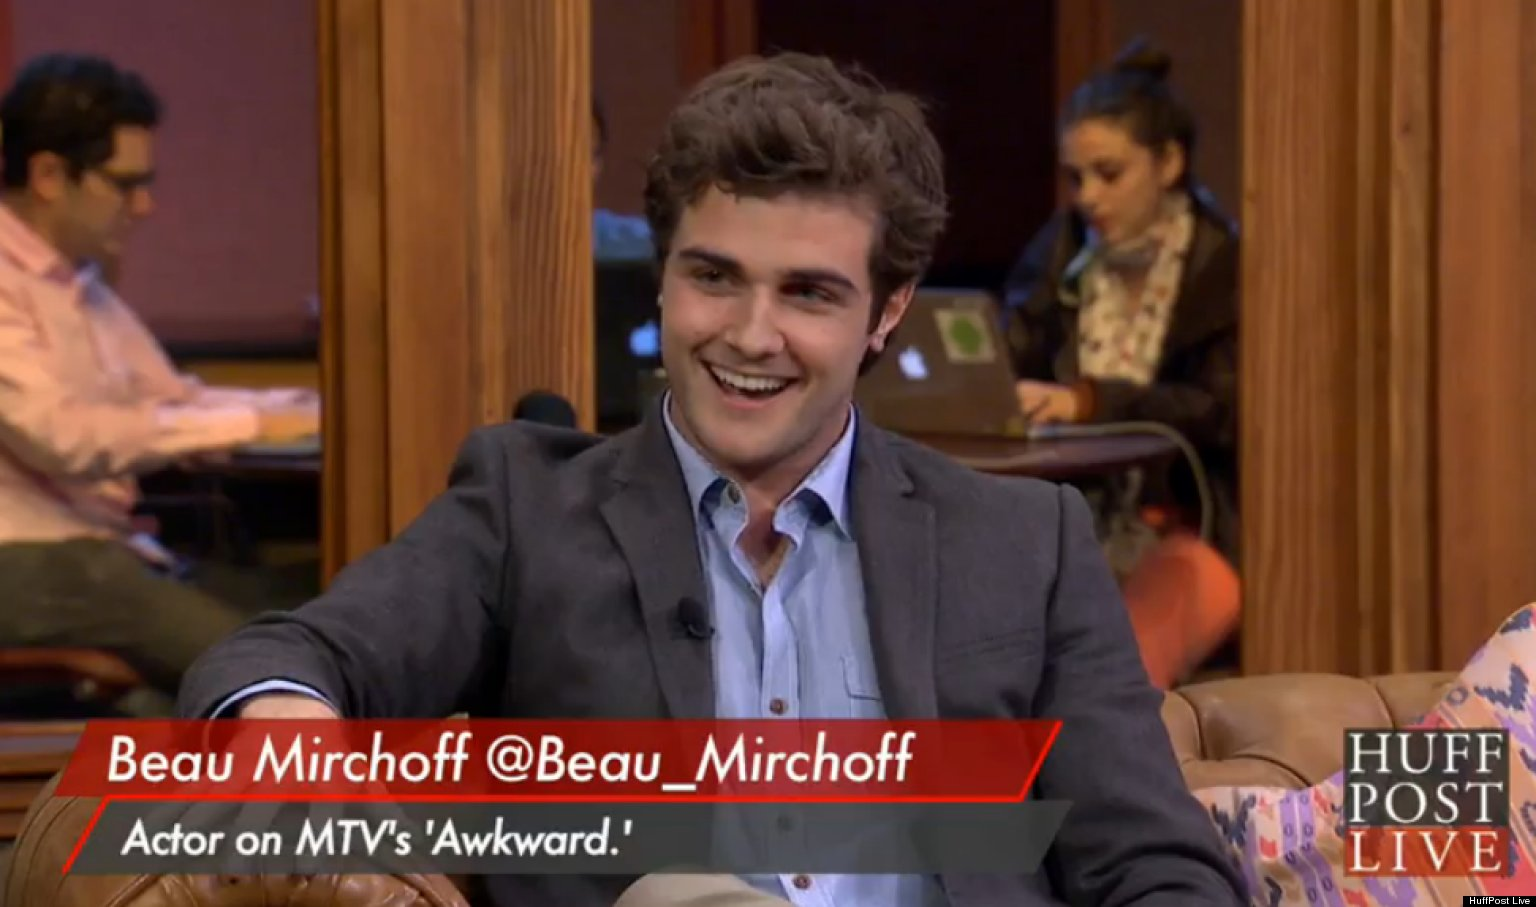 Awkward beau mirchoff girlfriend